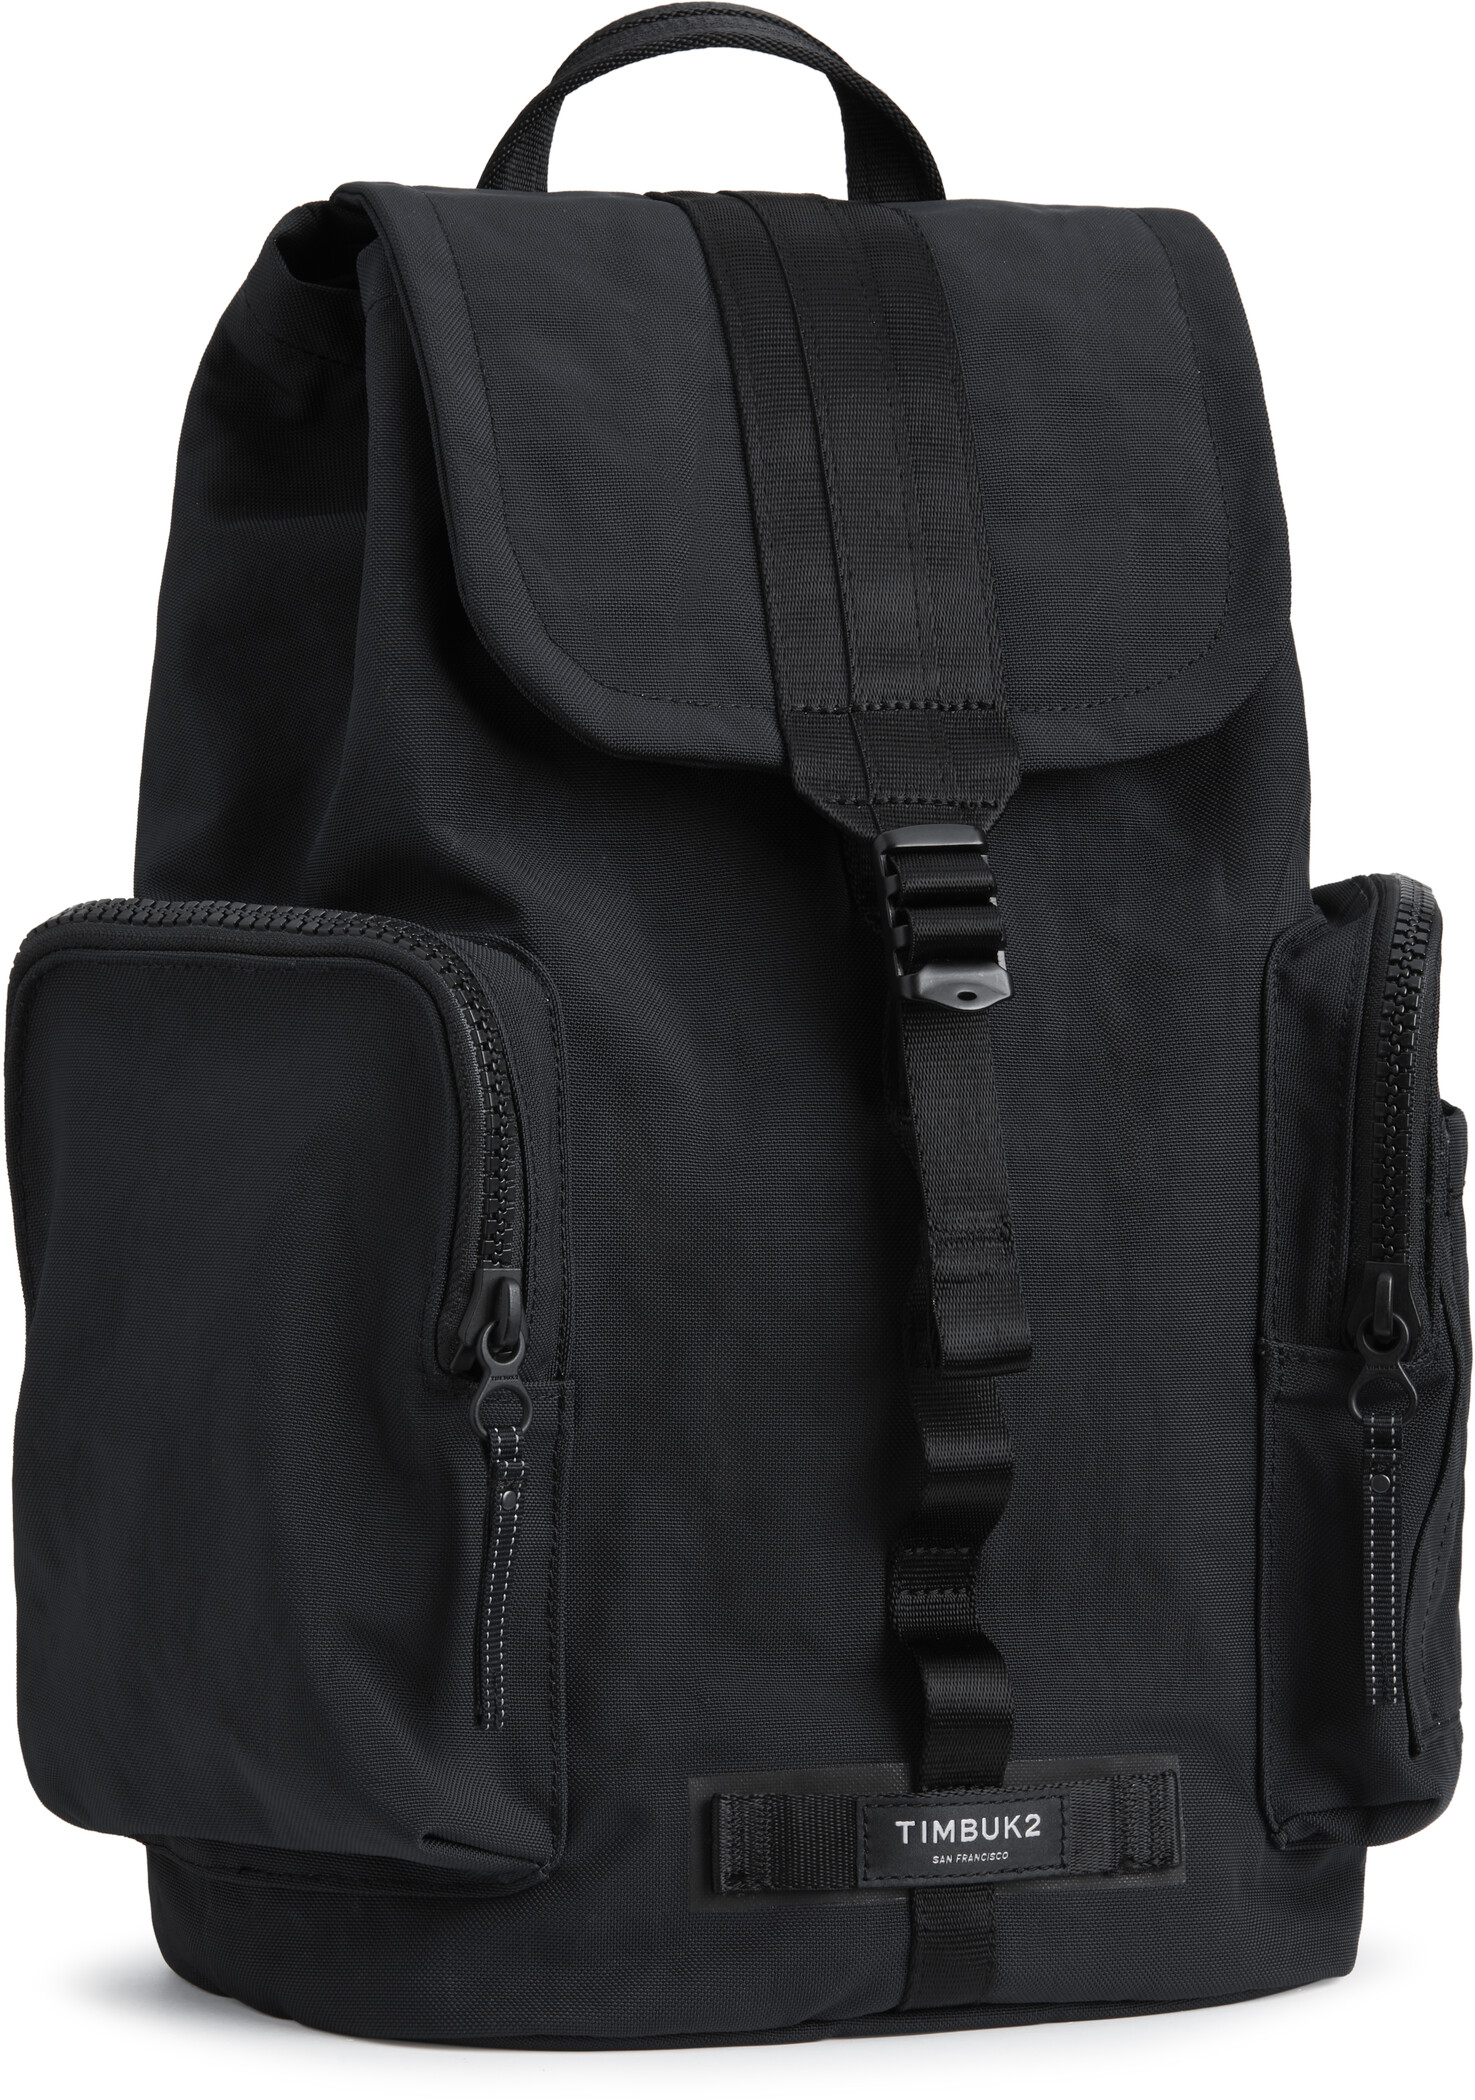 Timbuk2 Lug Knapsack Rygsæk, jet black (2019) | Travel bags